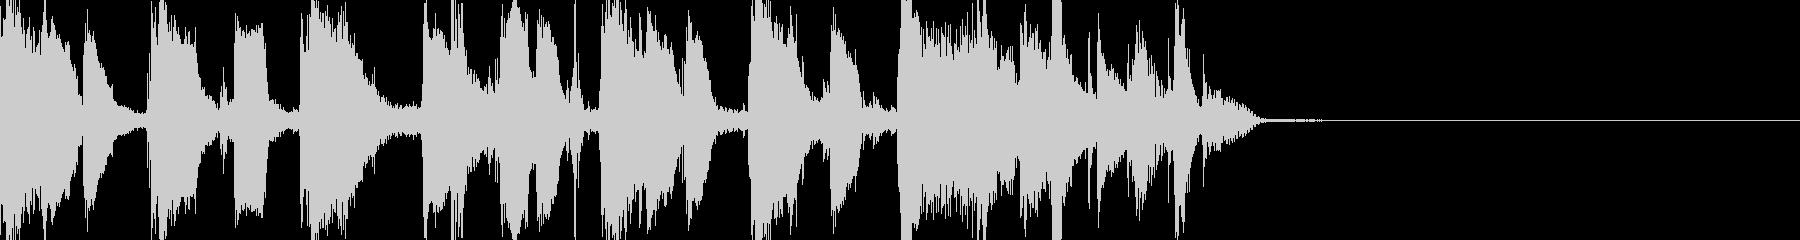 ファンクなファンファーレの未再生の波形